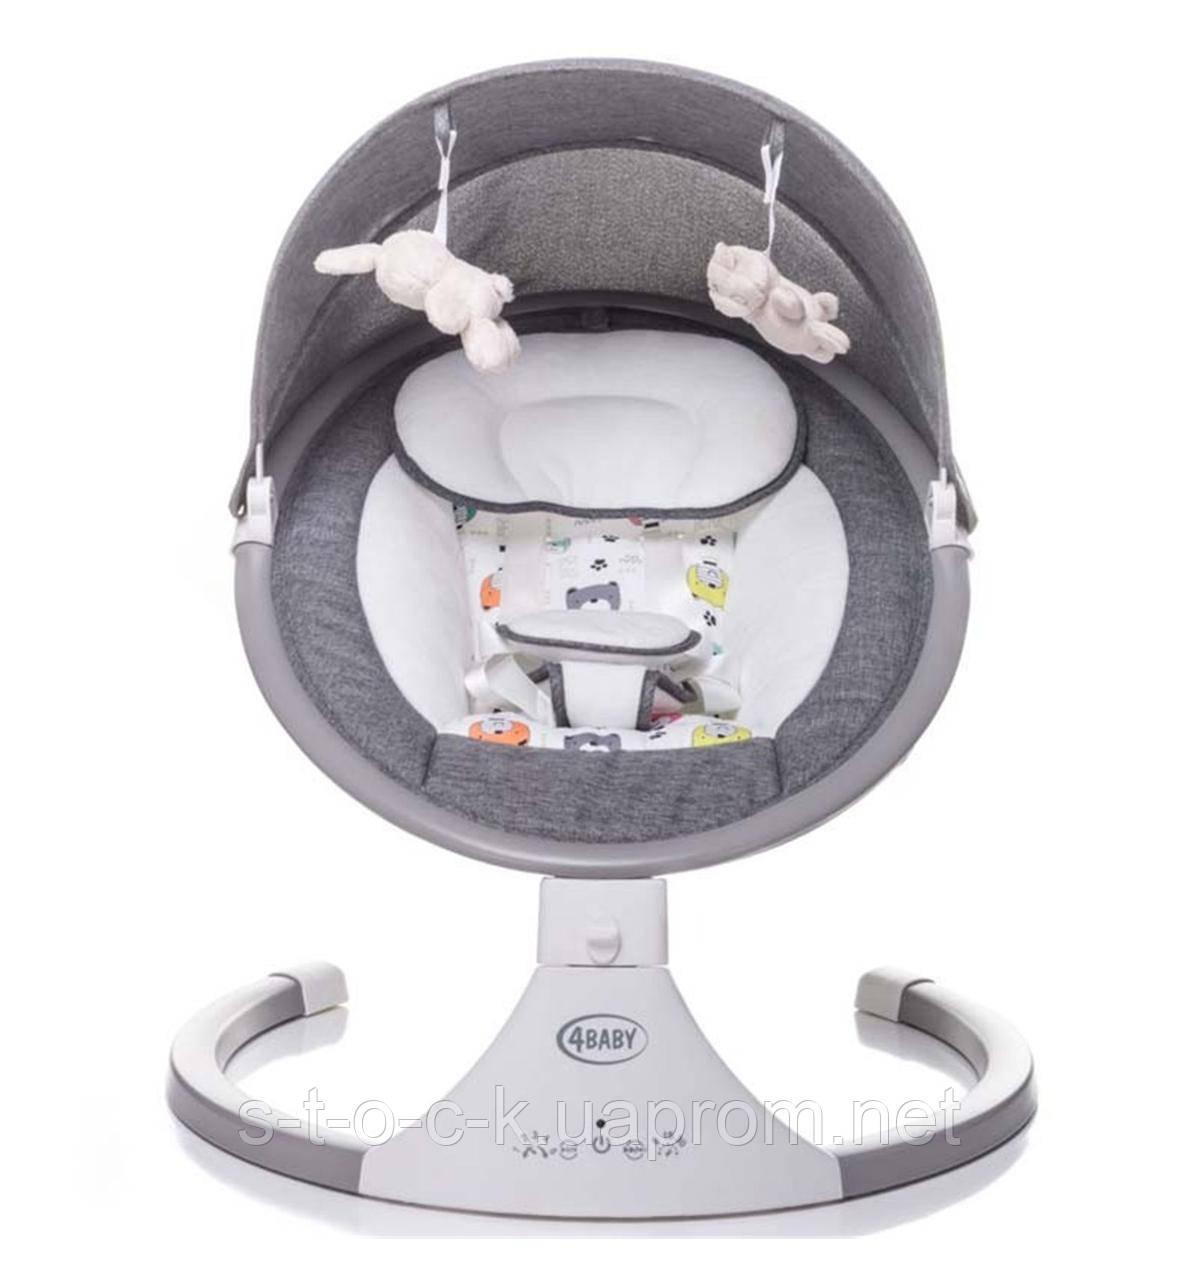 Гойдалка-дитяча ROCK'N RELAX від 4Baby!  Колір: сірий (grey).Для дітей від народження до 9 кг.